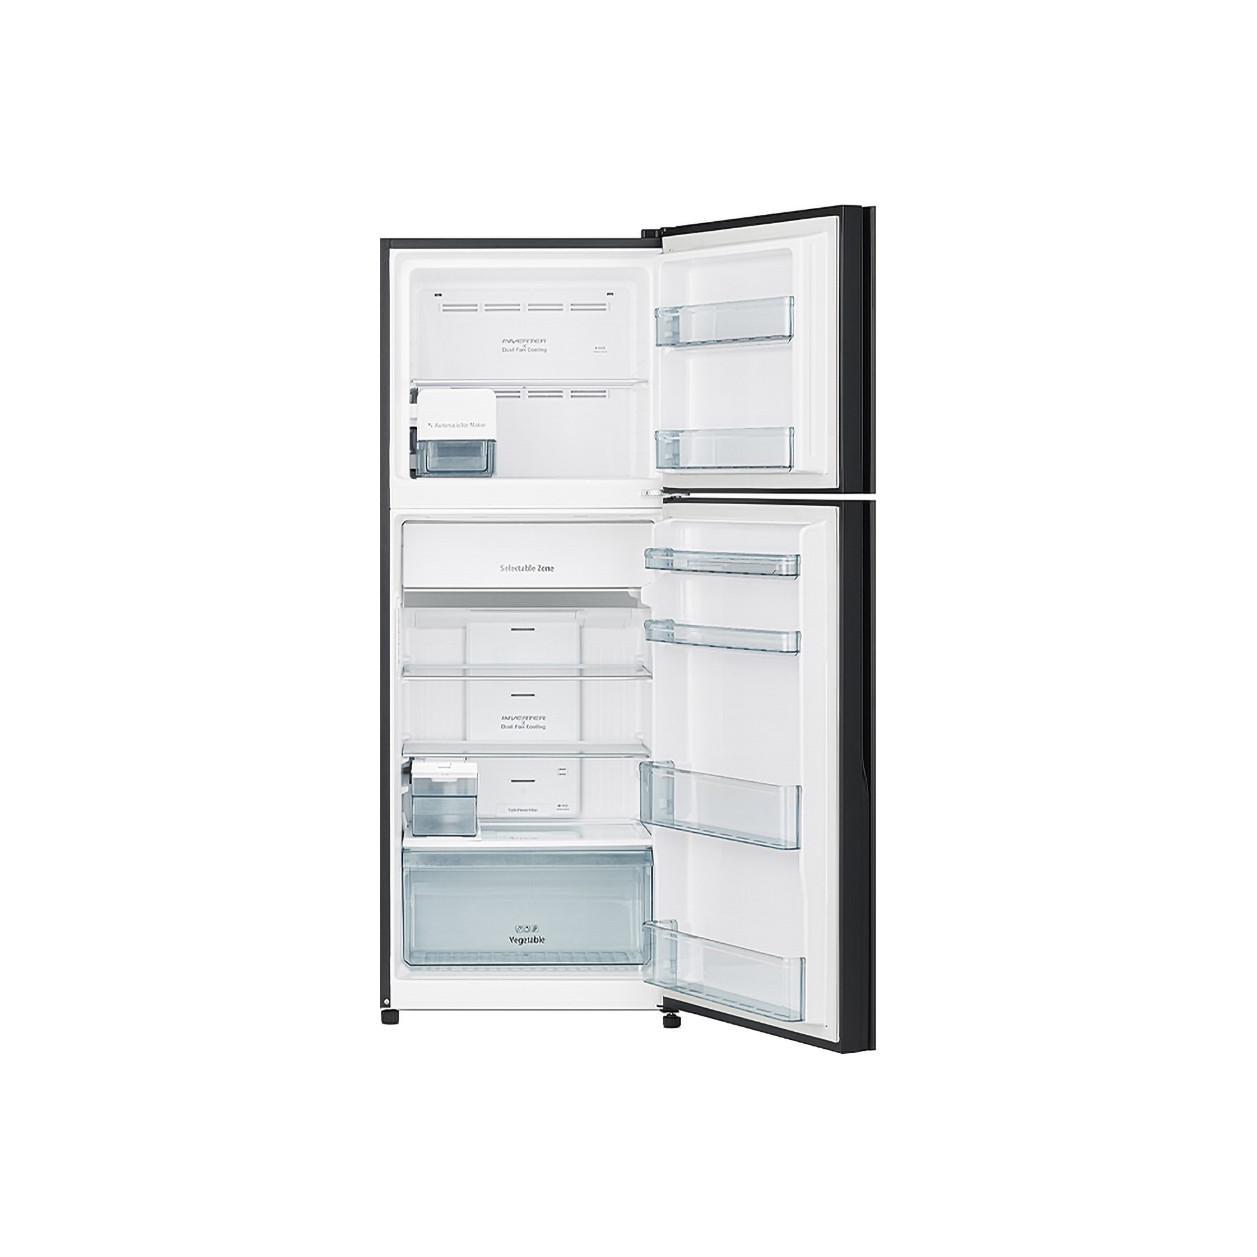 Tủ lạnh Hitachi Inverter 349 lít R-FVY480PGV0(GMG) Model 2020 -Hàng chính hãng (chỉ giao HCM)